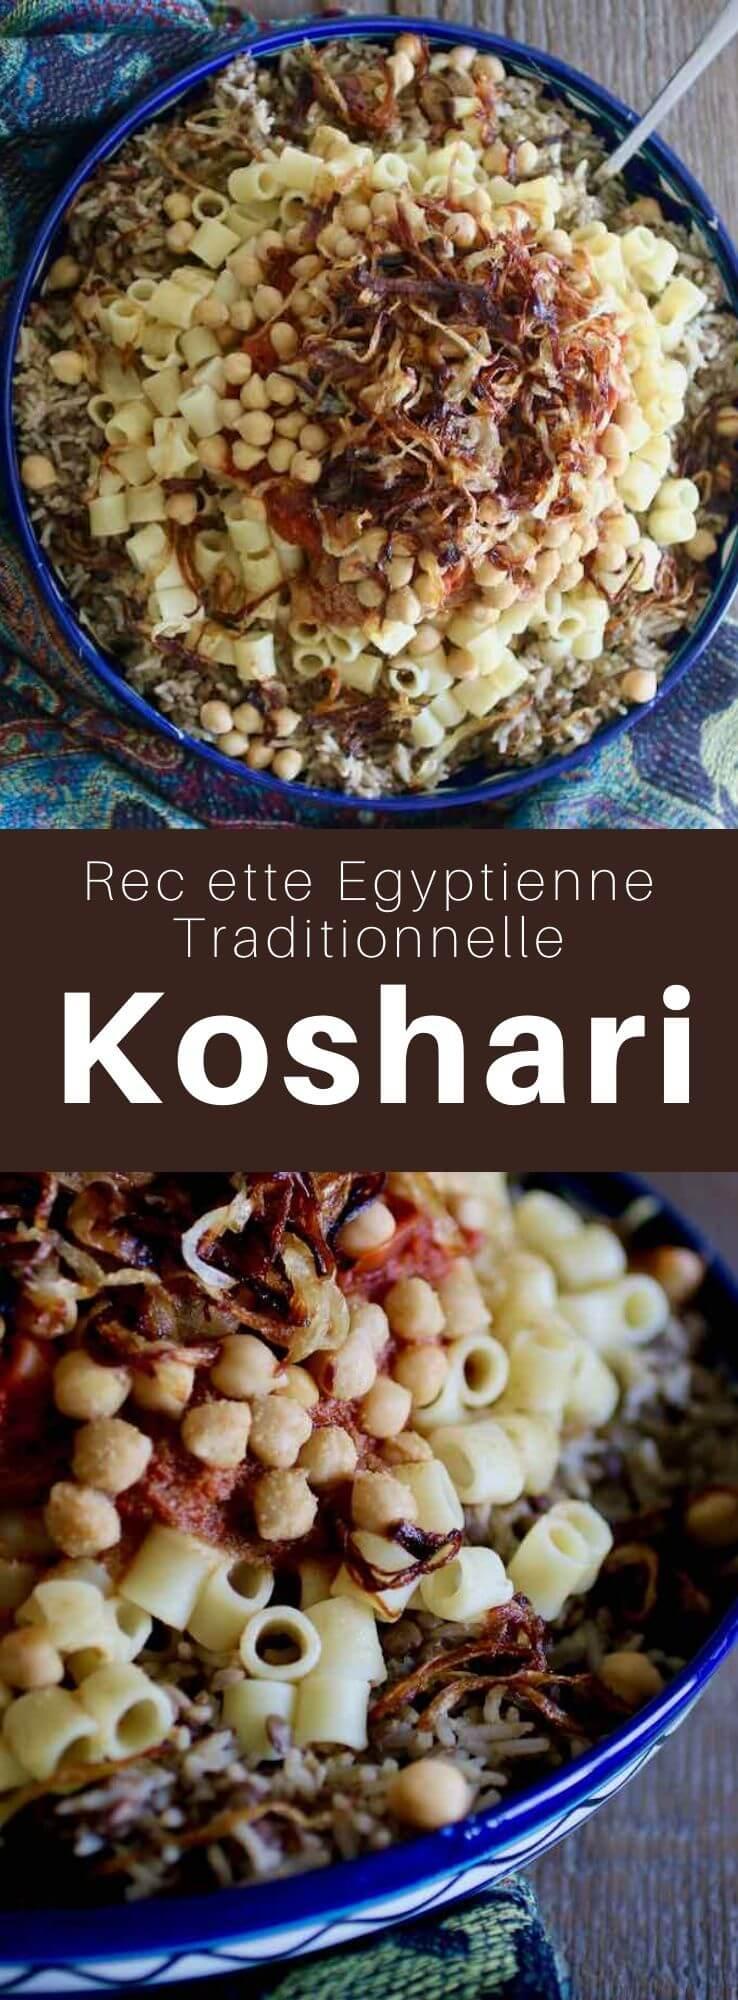 Le koshari est un plat très populaire en Egypte, composé de riz, lentilles, pois-chiches et macaroni enrichis de sauce tomate pimentée et d'oignons frits. #Egypte #RecetteEgyptienne #CuisineEgyptienne #CuisineDuMonde #196flavors